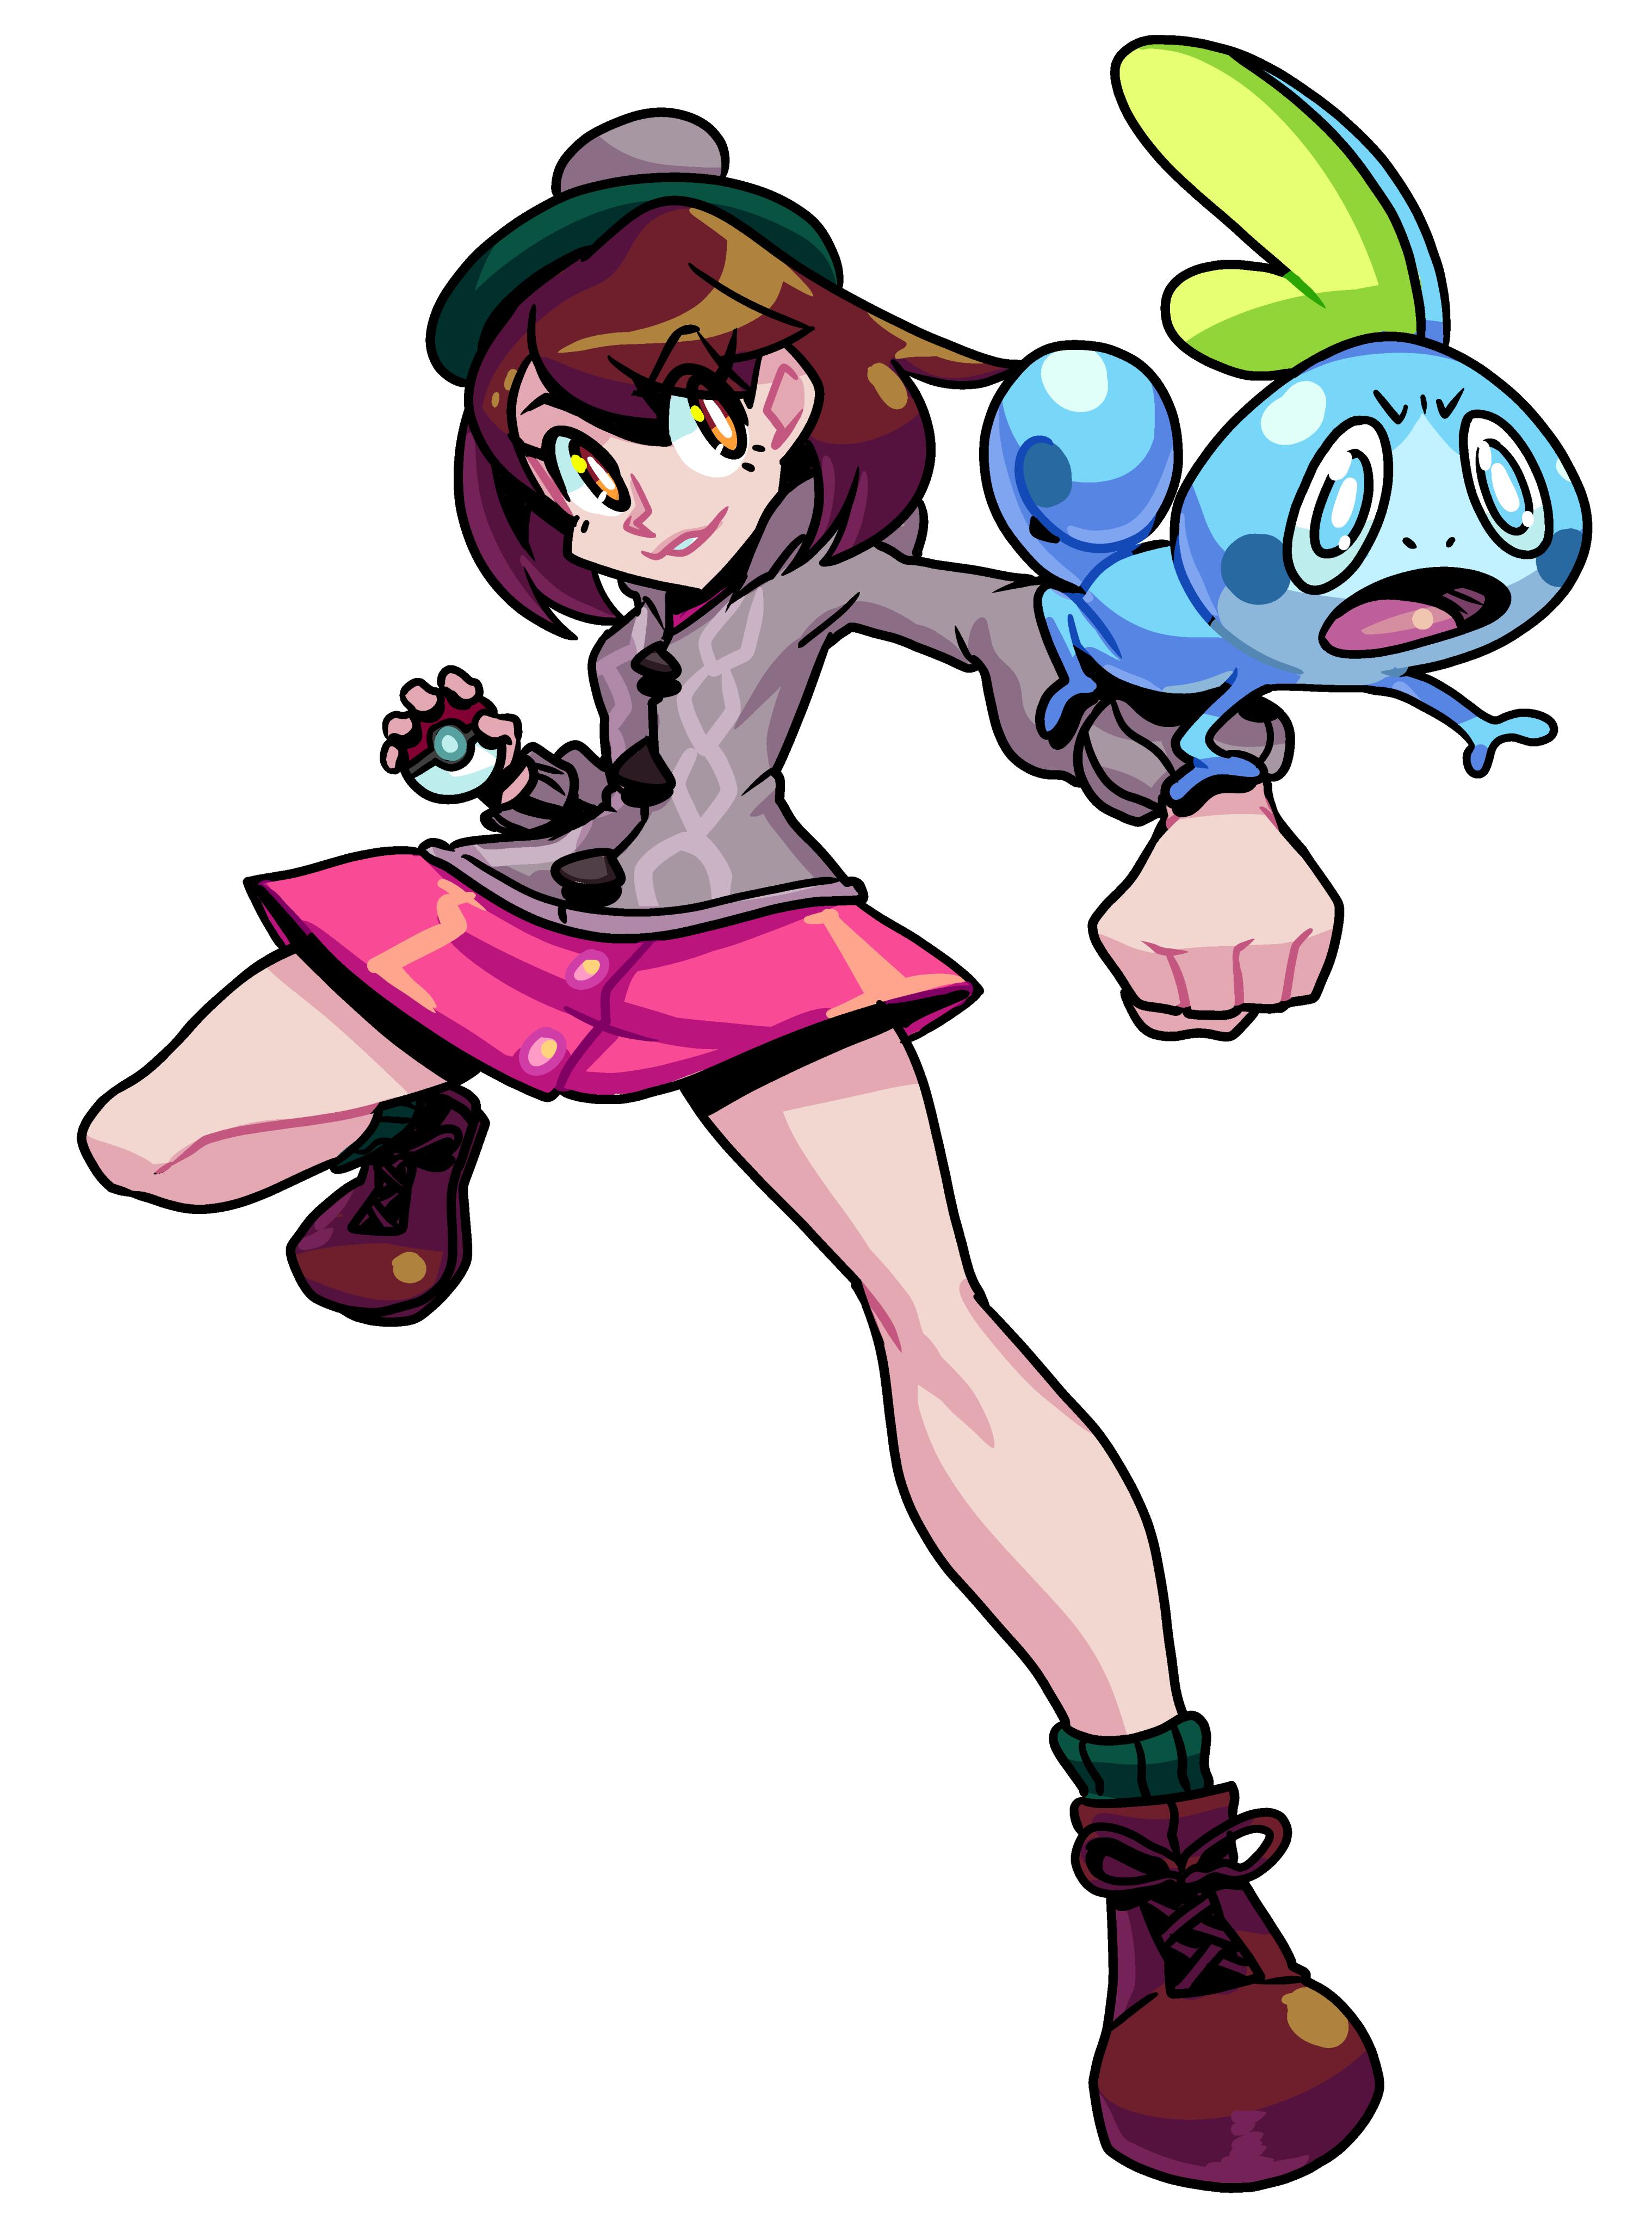 La Pokemona